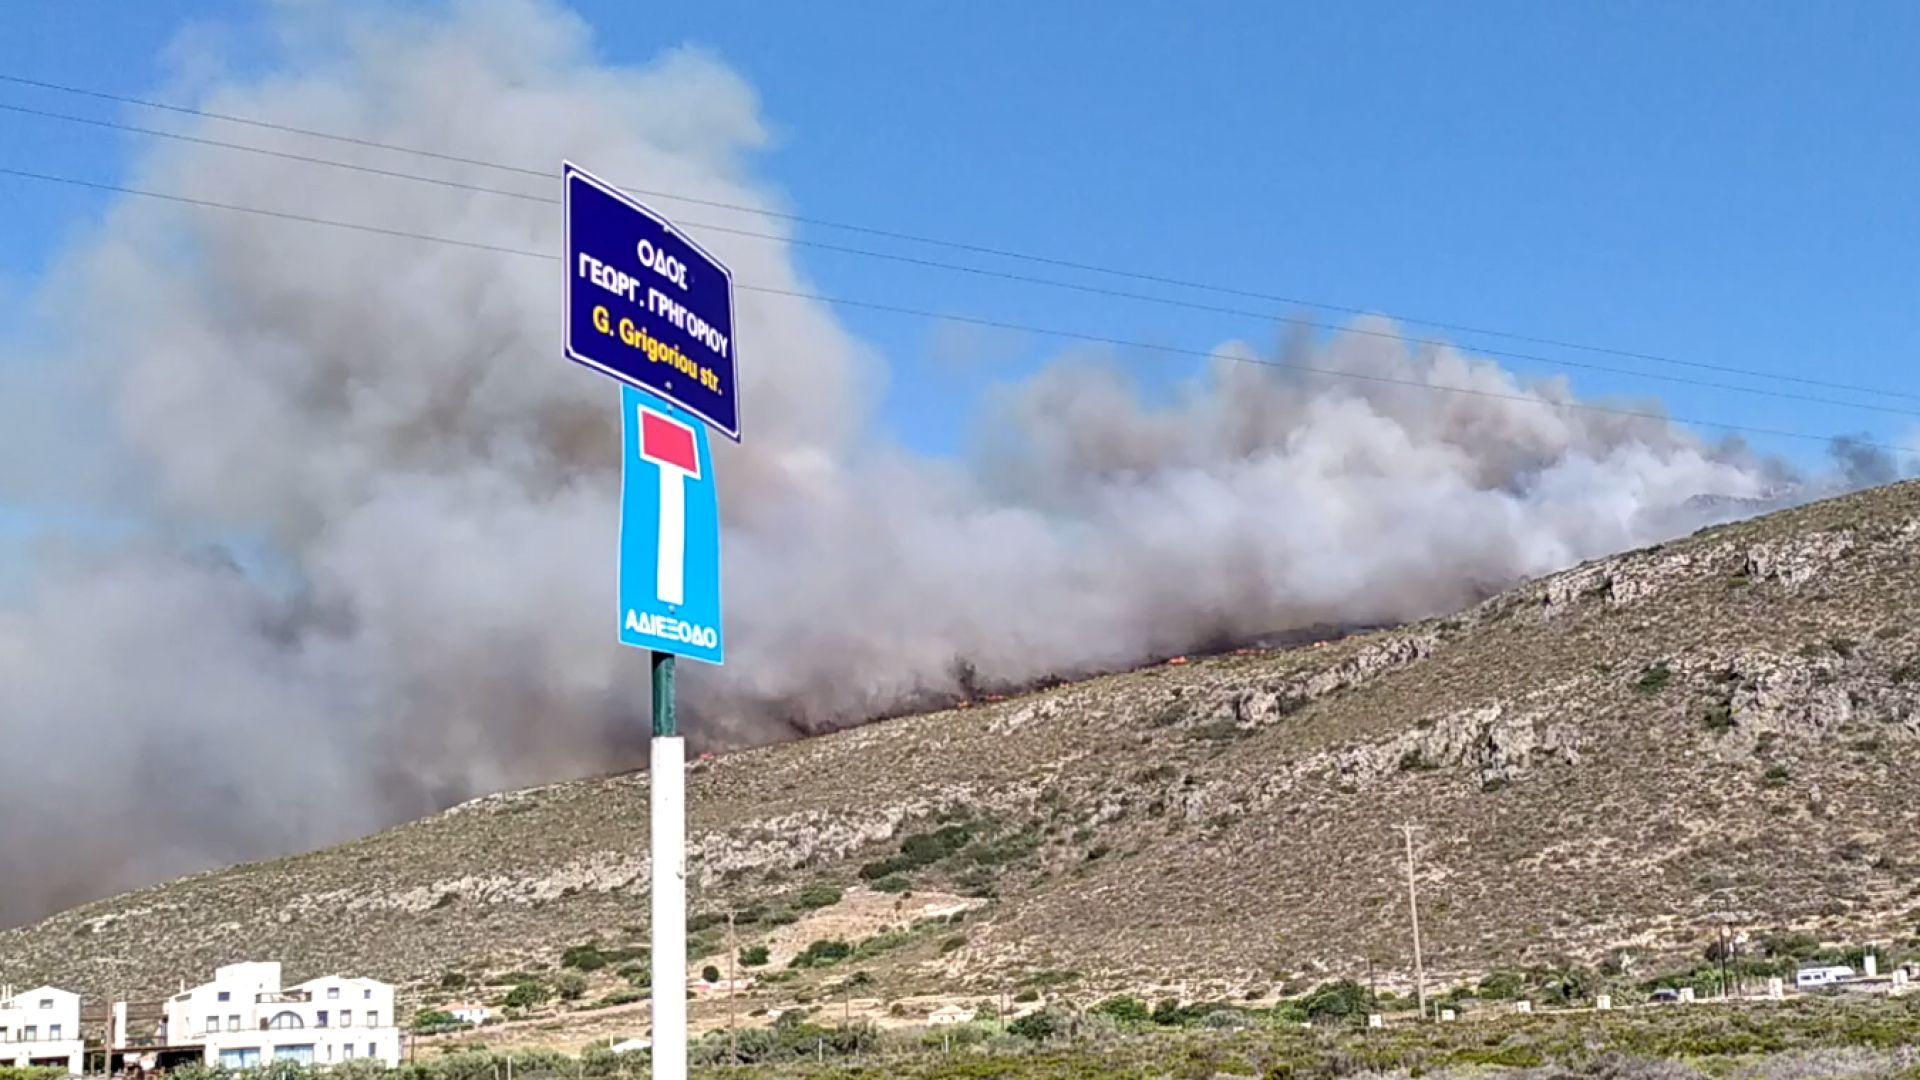 Голям пожар бушува на гръцкия остров Елафонисос, съобщават местните медии.